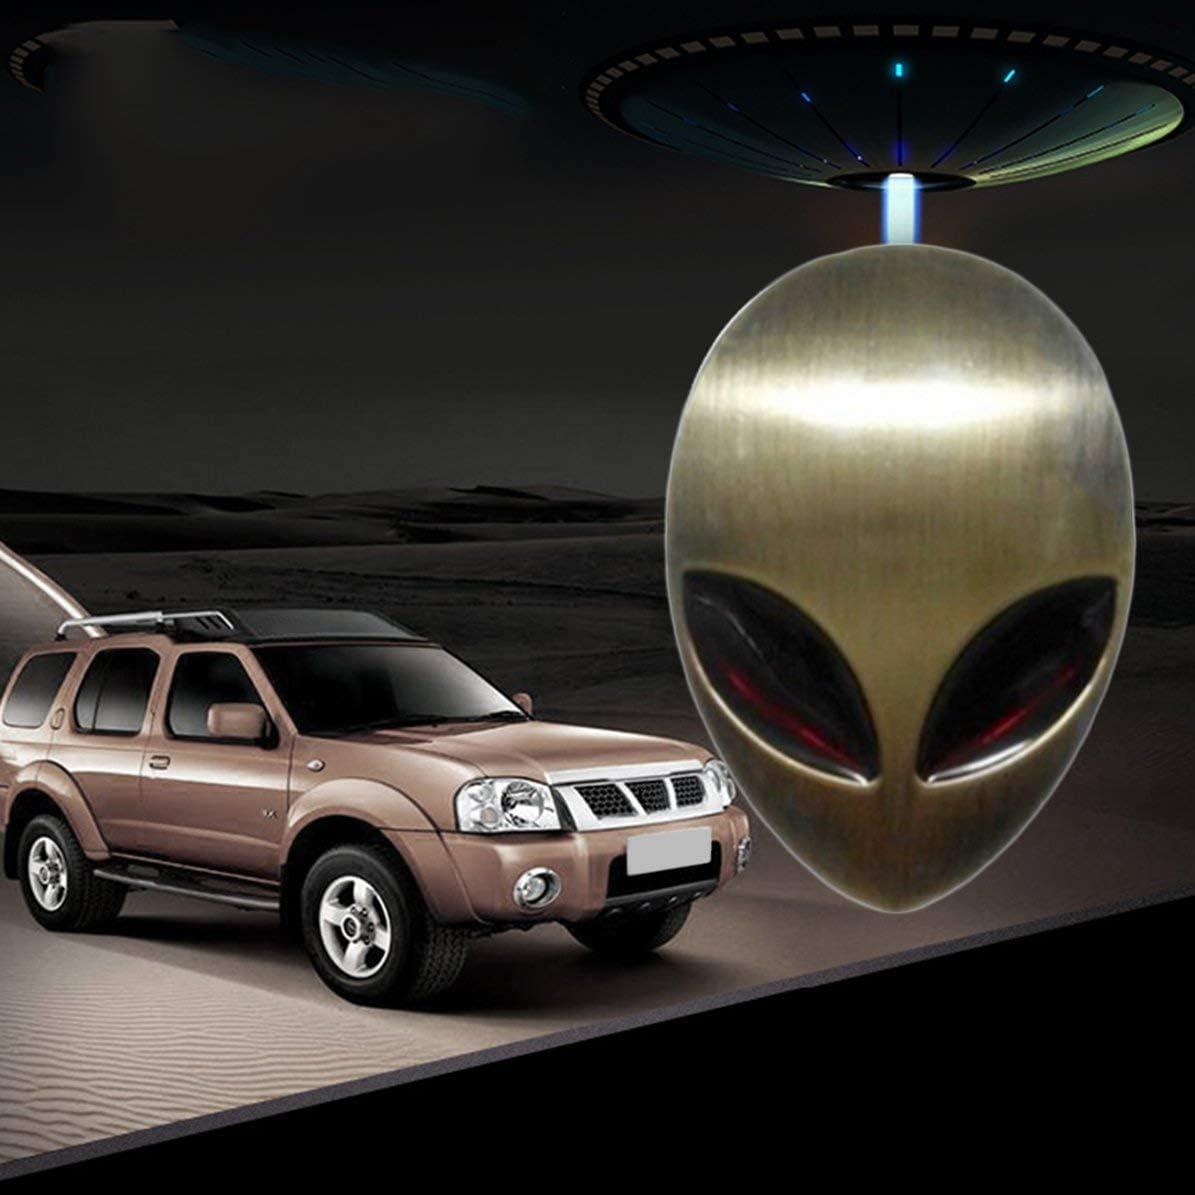 Gr/ün Bronze Cooles Auto Styling 3D 3M Sch/ädel Metall Alien Auto Motorrad Aufkleber Label Emblem Abzeichen Lustige Auto Aufkleber und Abziehbilder Zubeh/ör